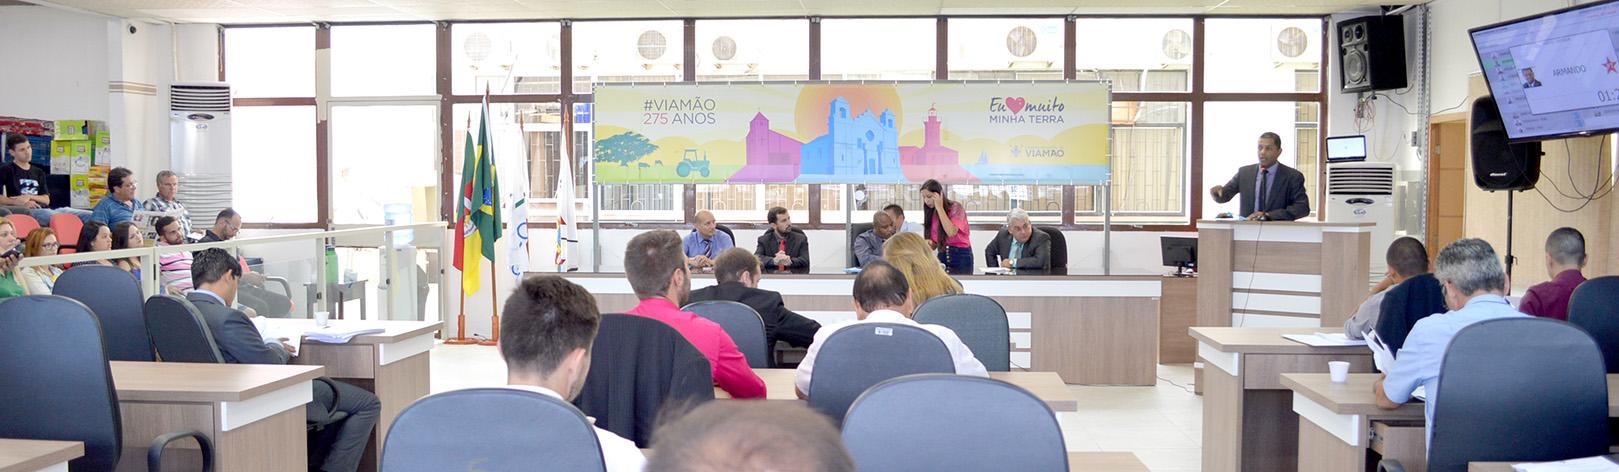 Vereador Armando_Funcionalismo municipal 3